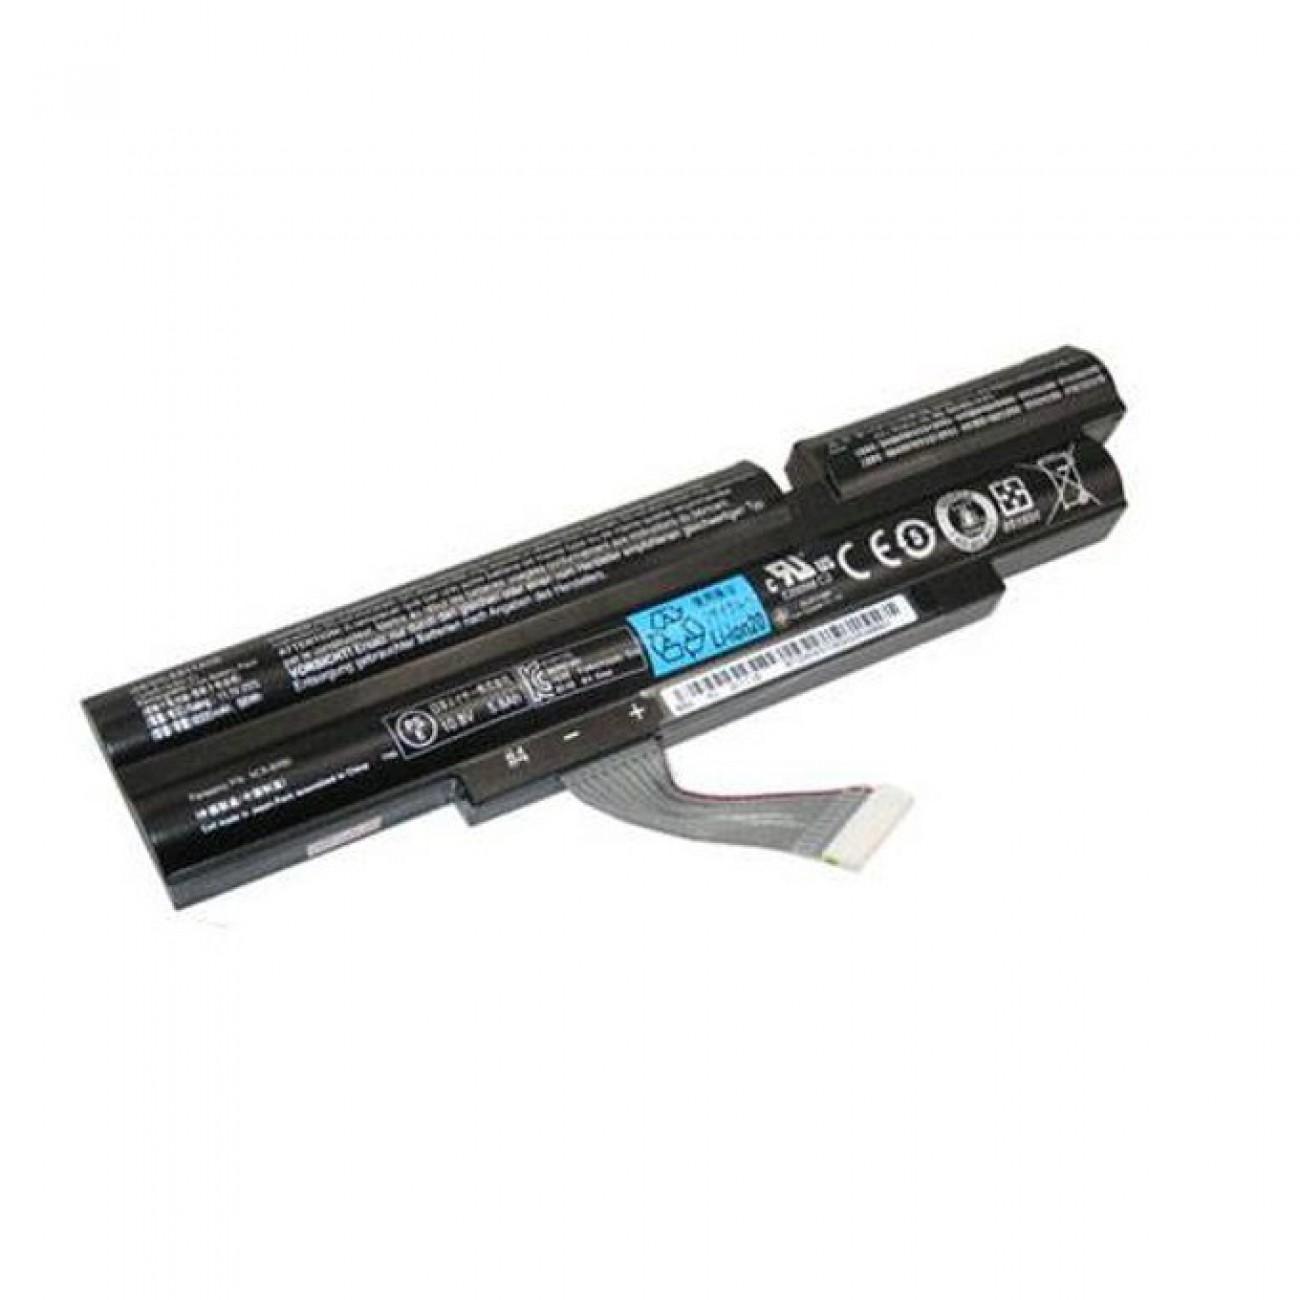 Батерия (оригинална) Acer Aspire TimelineX 3830T, съвместима с 3830TG/4830T/4830TG/5830T/5830TG, 6cell, 11.1V в Батерии за Лаптоп -  | Alleop